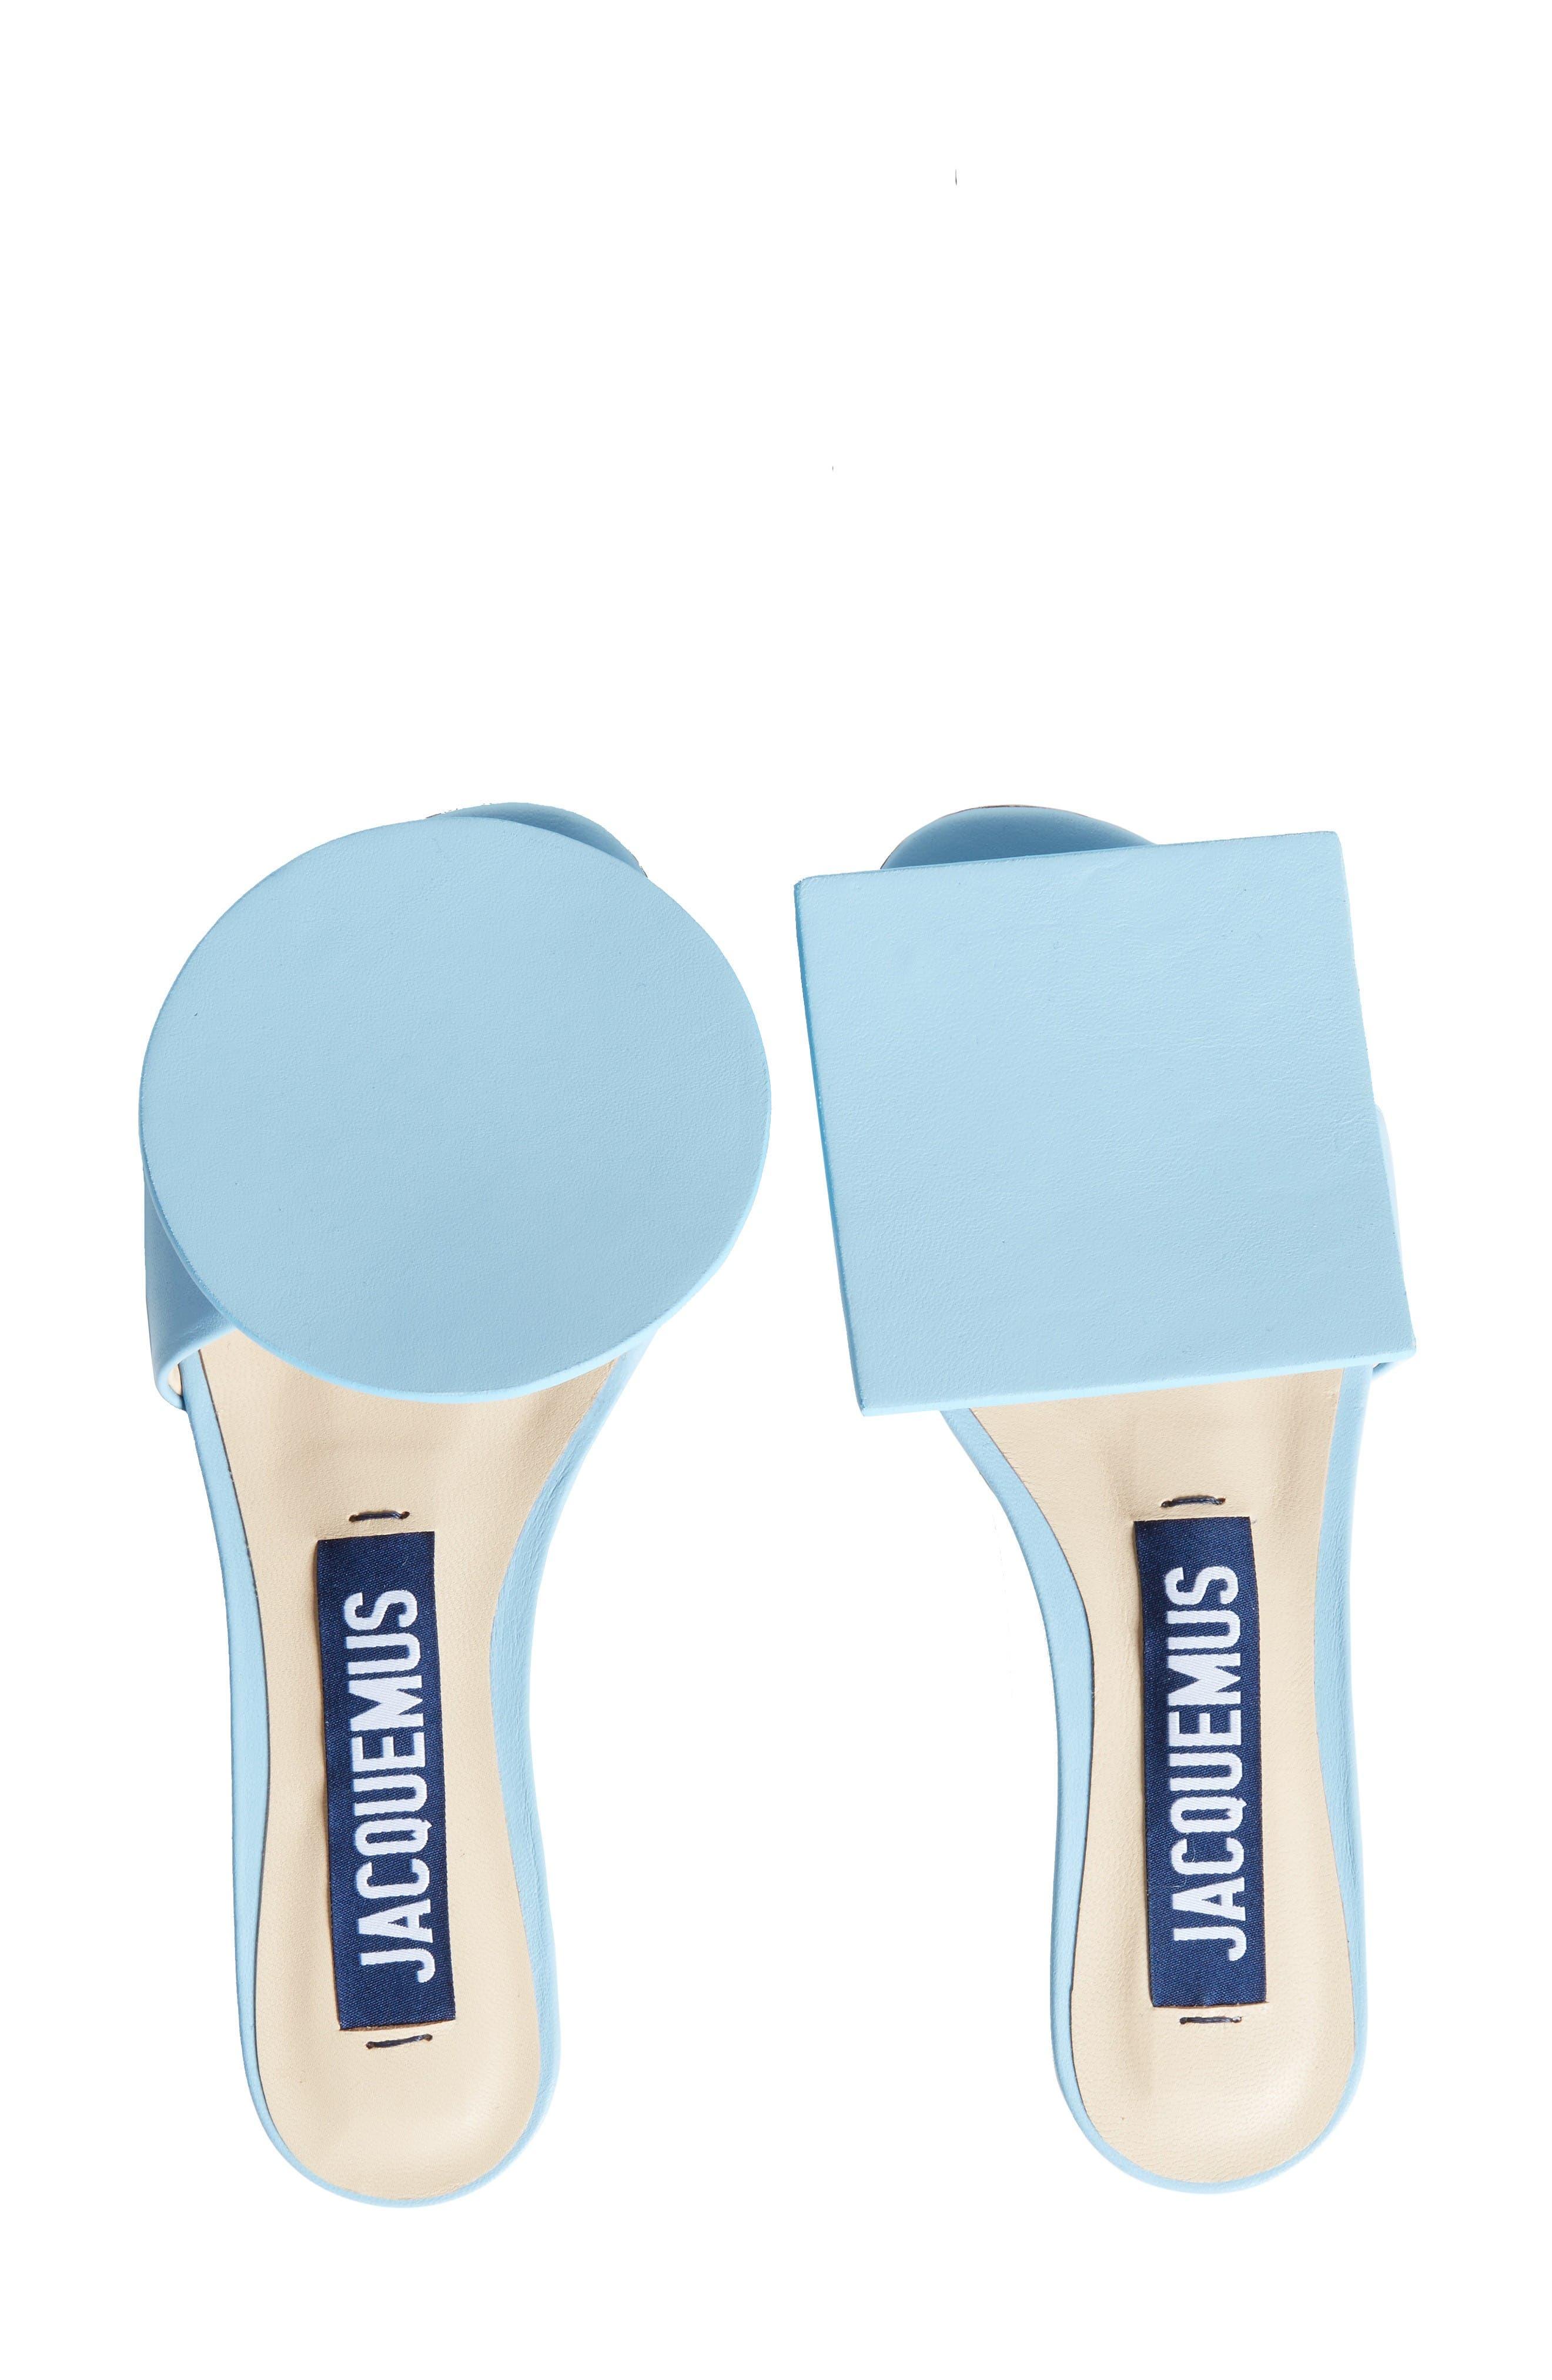 Les Sandales Rond Carré Sandal,                         Main,                         color, Light Blue